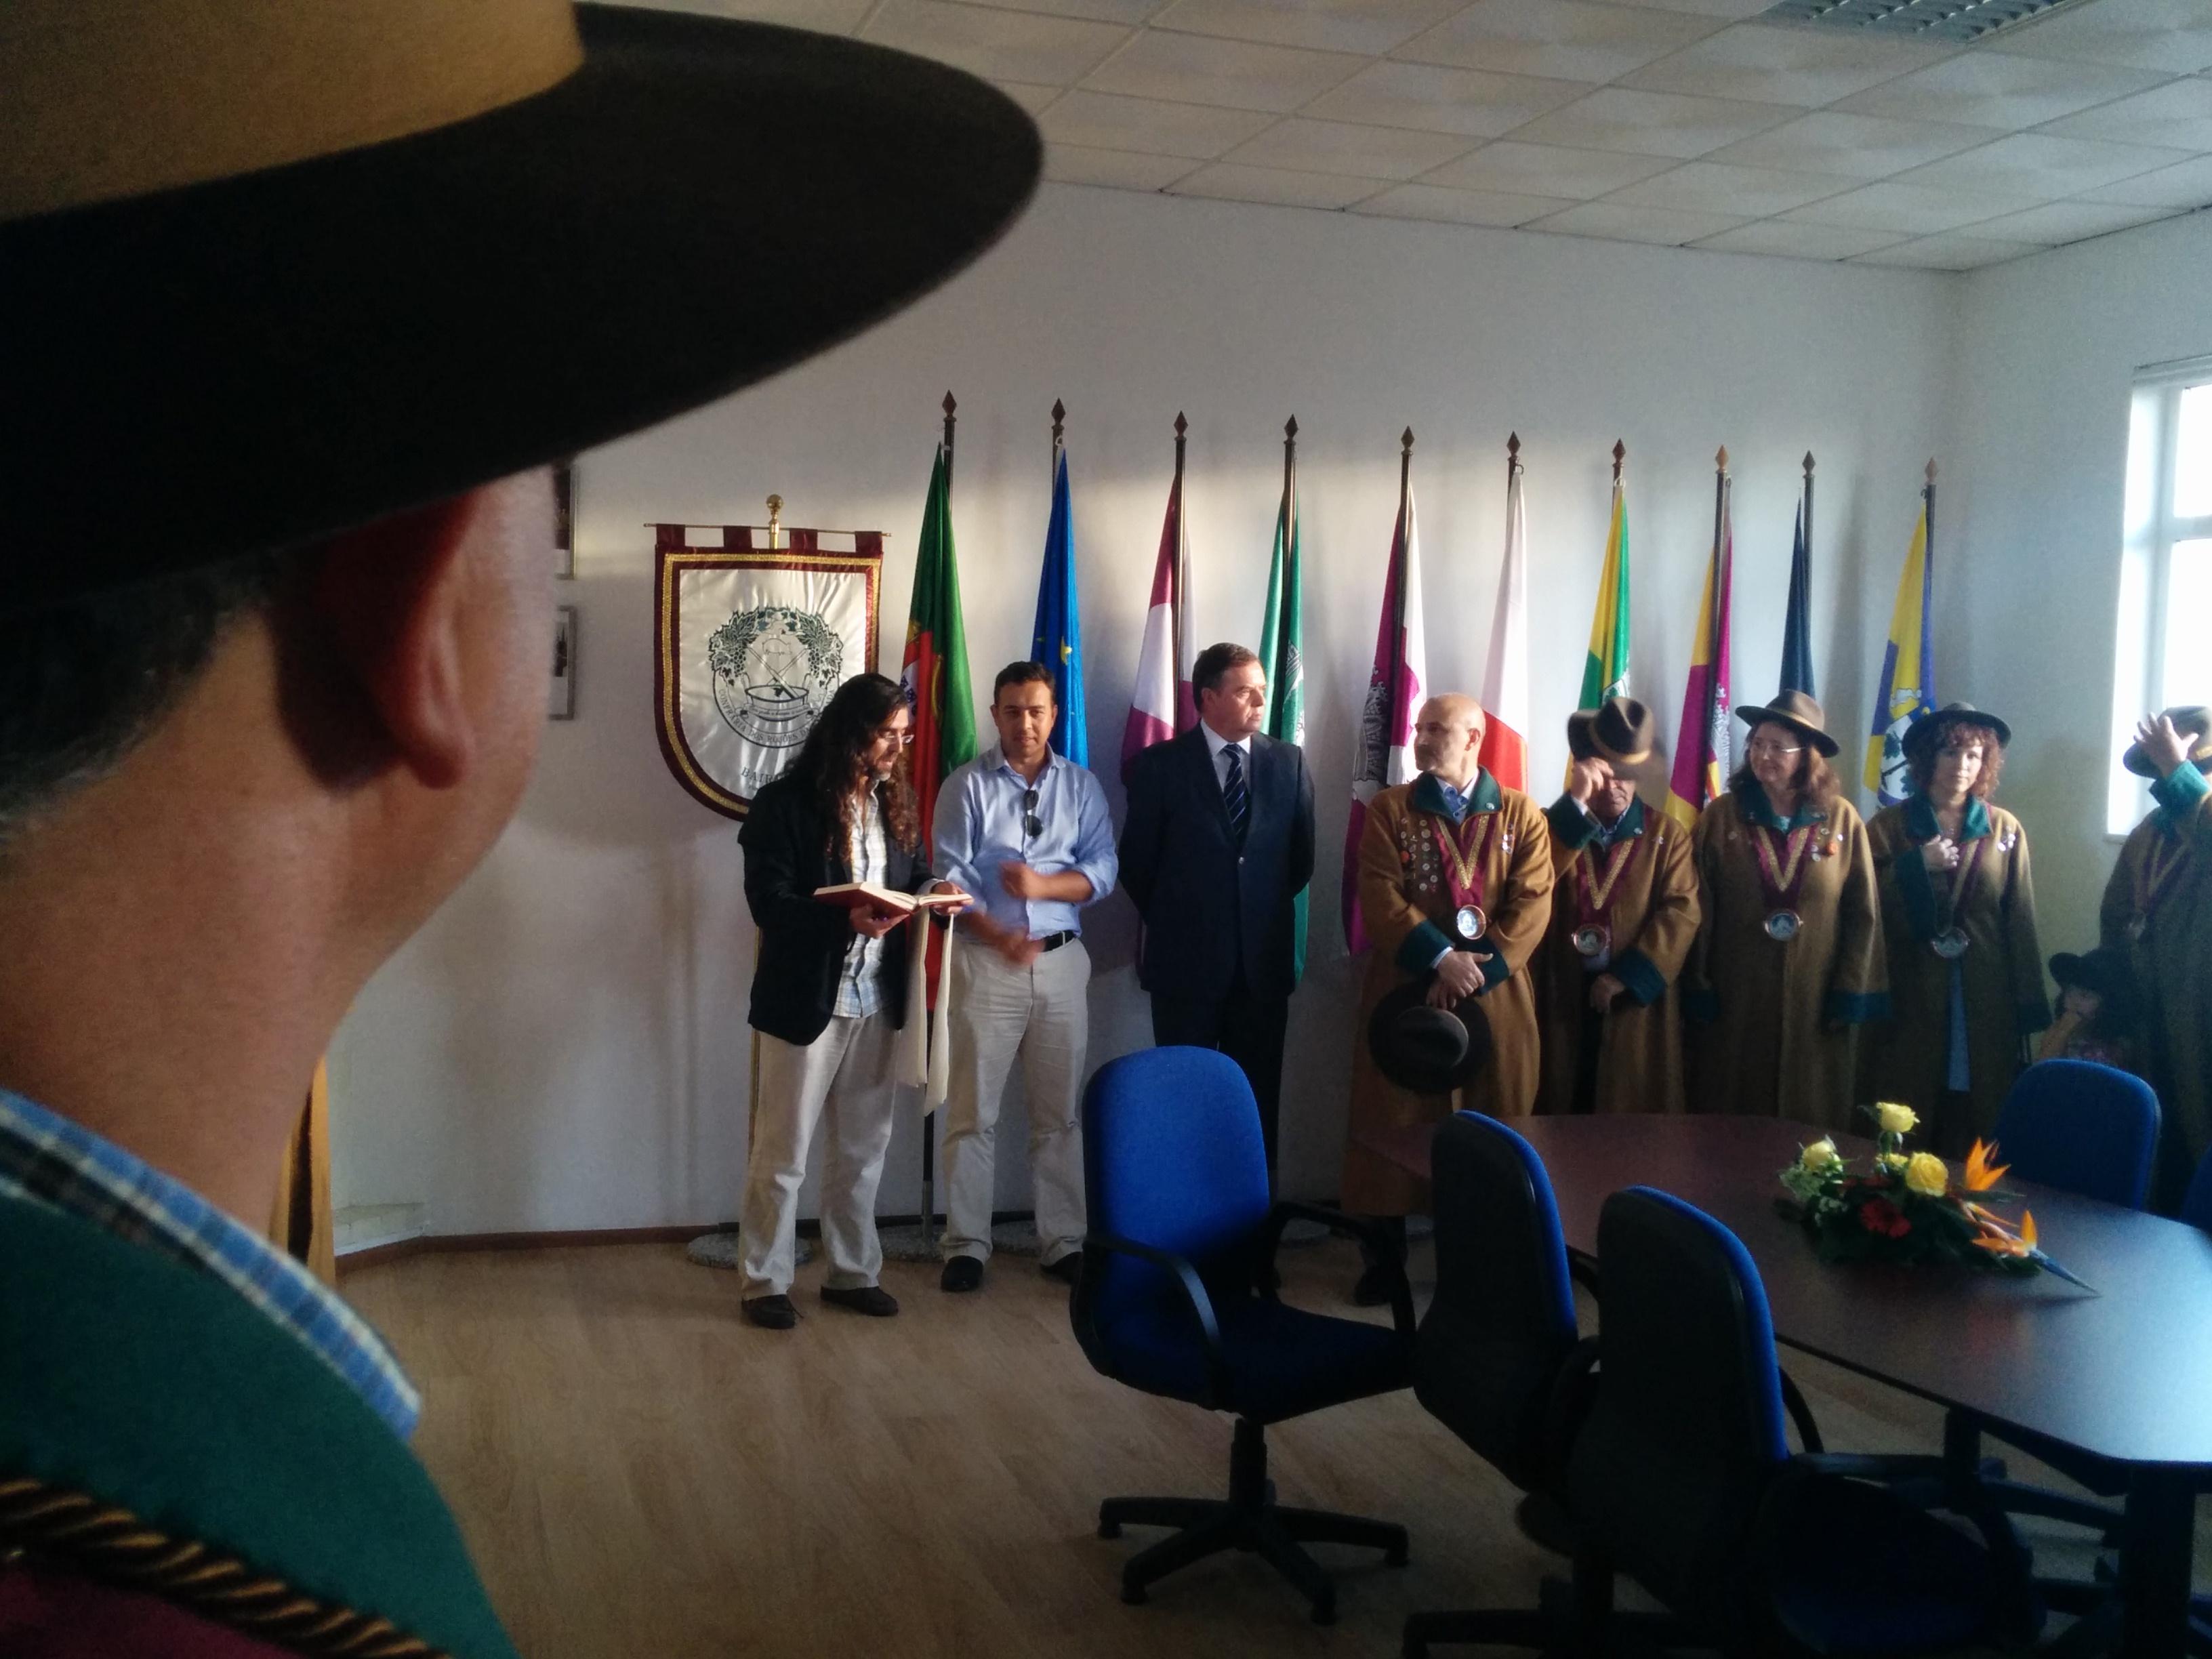 Confraria dos Rojões da Bairrada inaugura sede na Escola Primária